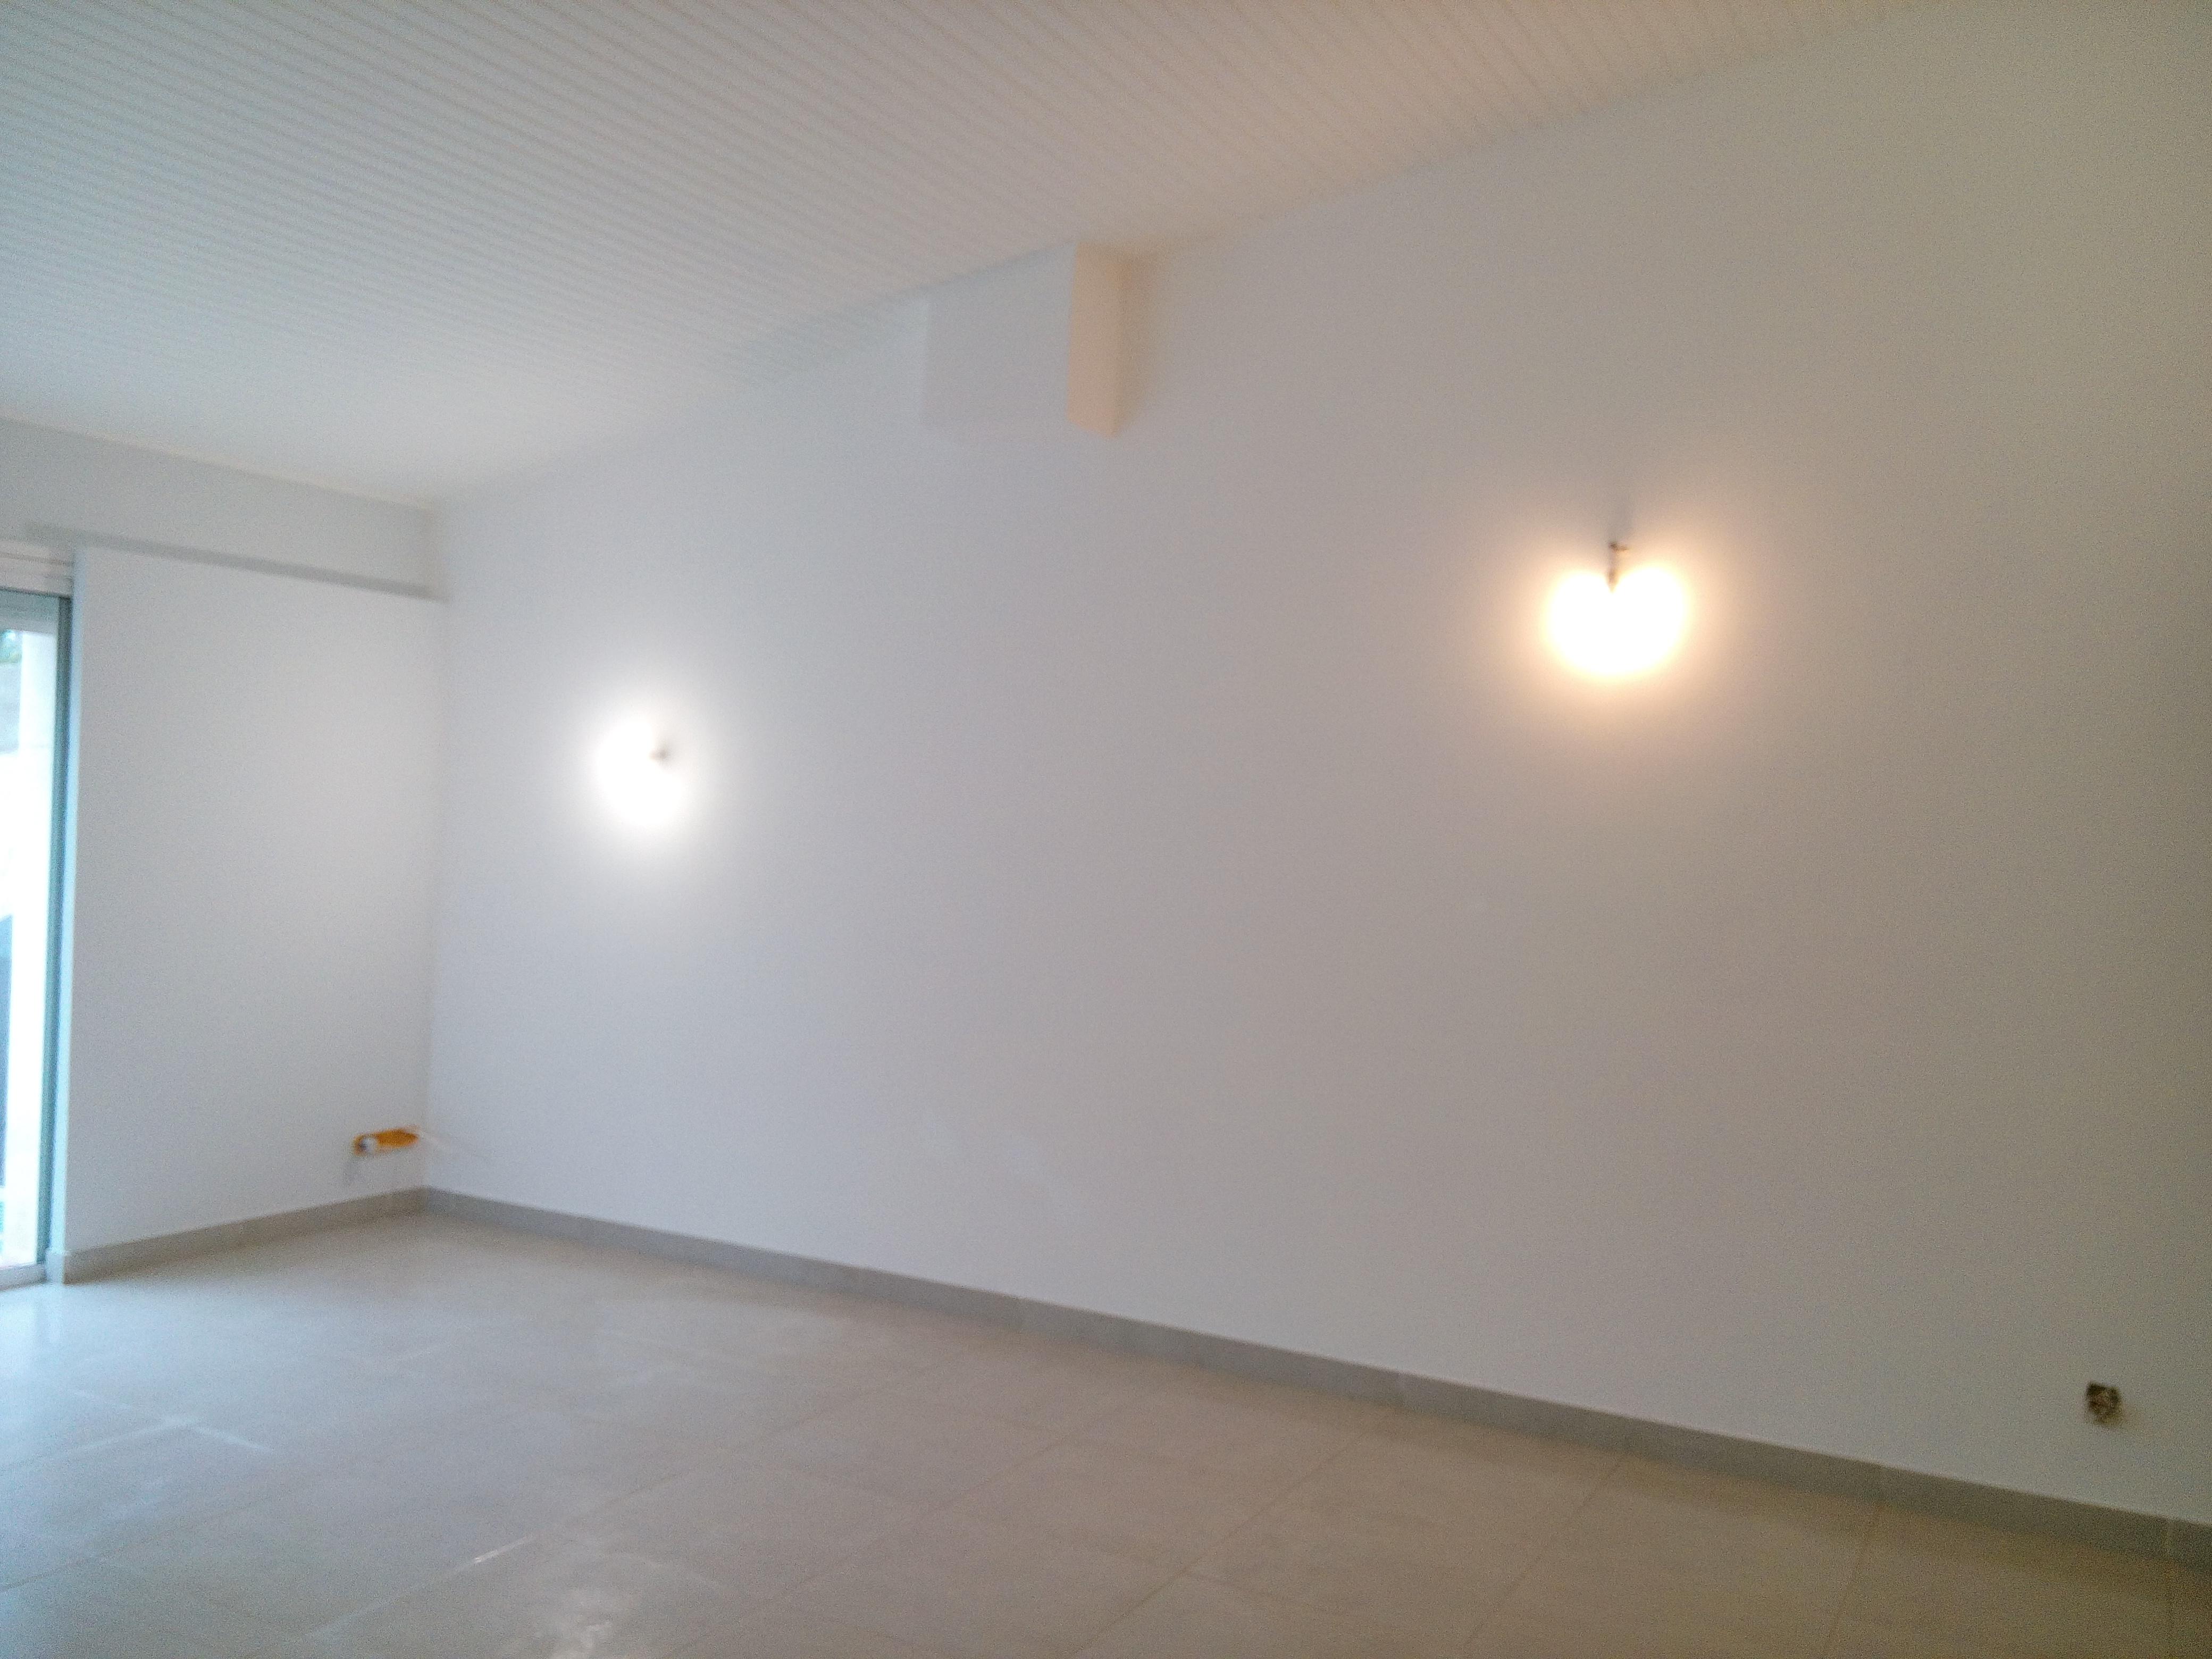 Mur peint en blanc